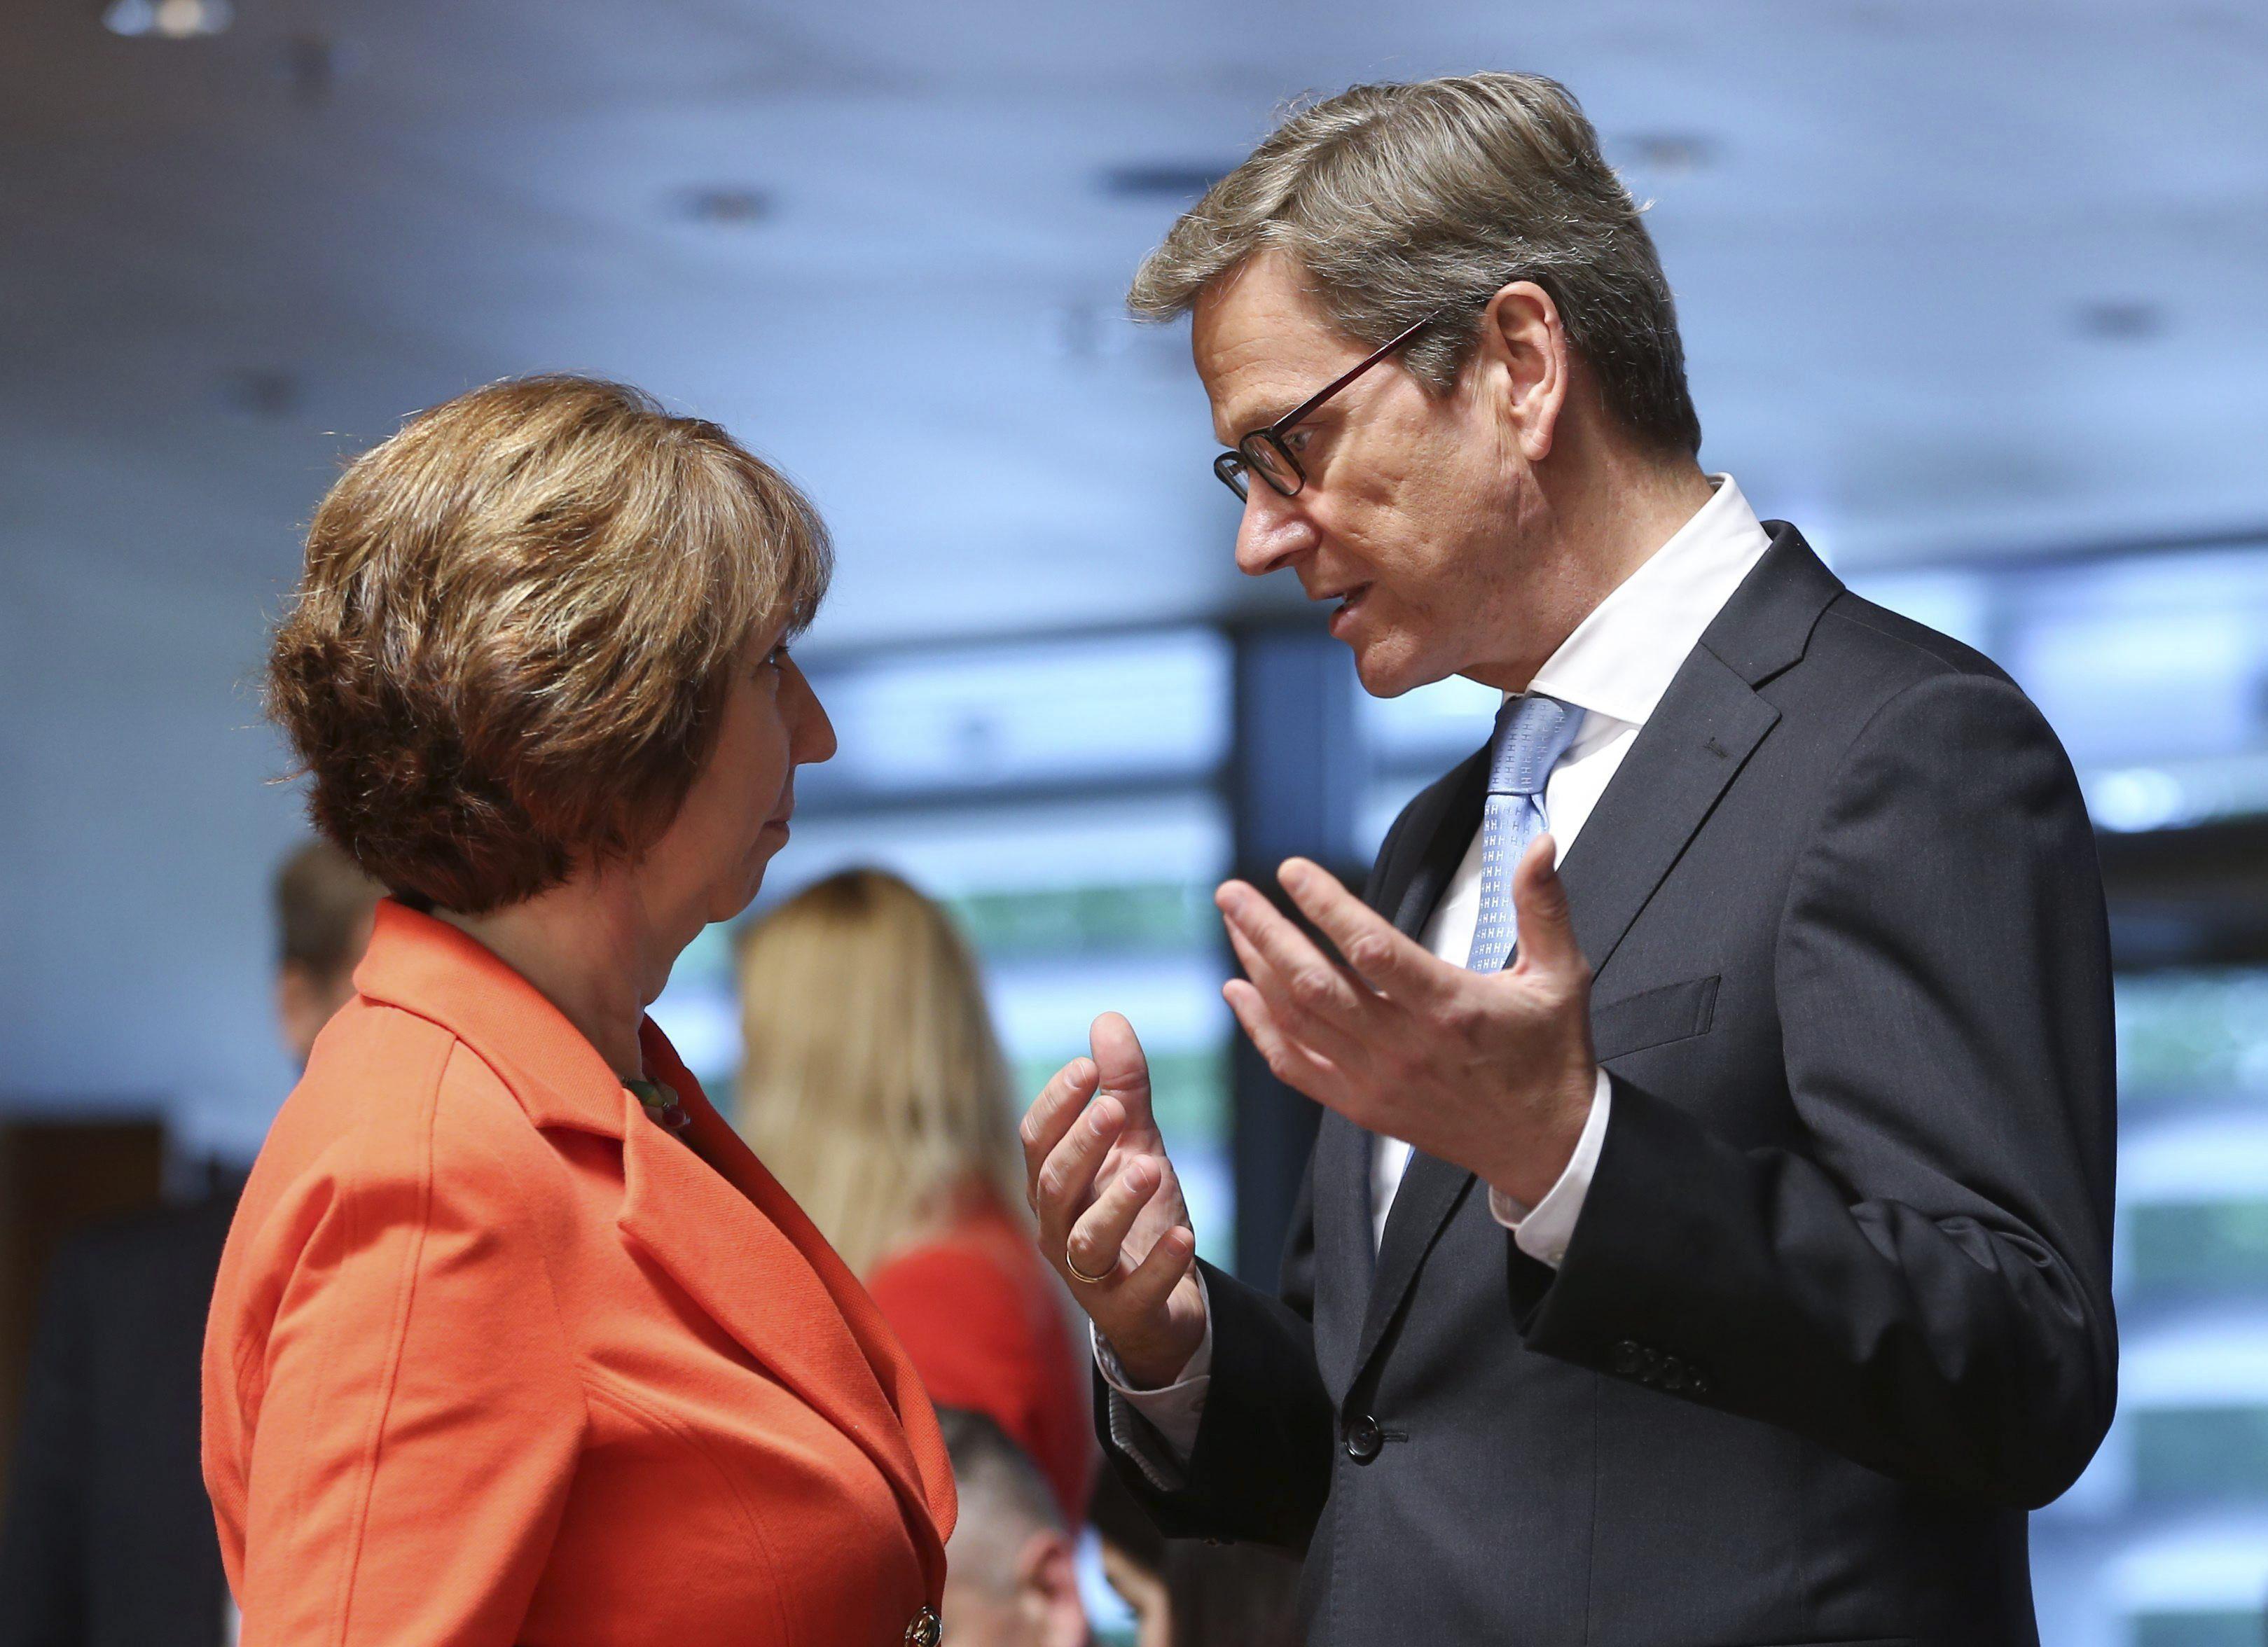 Los 27 negociarán la adhesión de Turquía a la Unión Europea